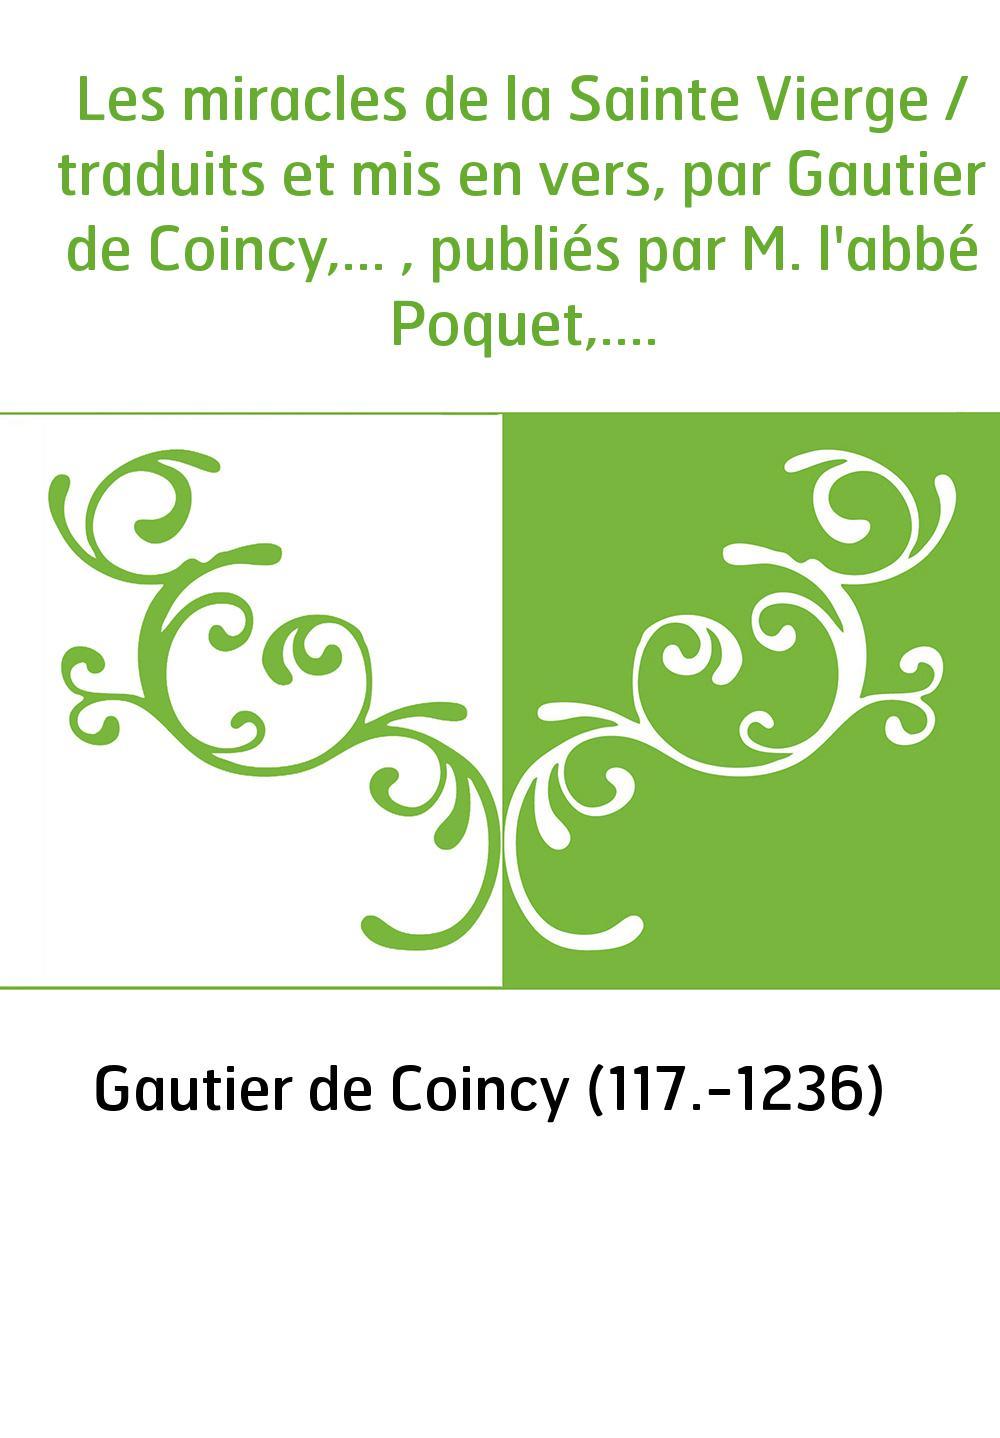 Les miracles de la Sainte Vierge / traduits et mis en vers, par Gautier de Coincy,... , publiés par M. l'abbé Poquet,... avec un